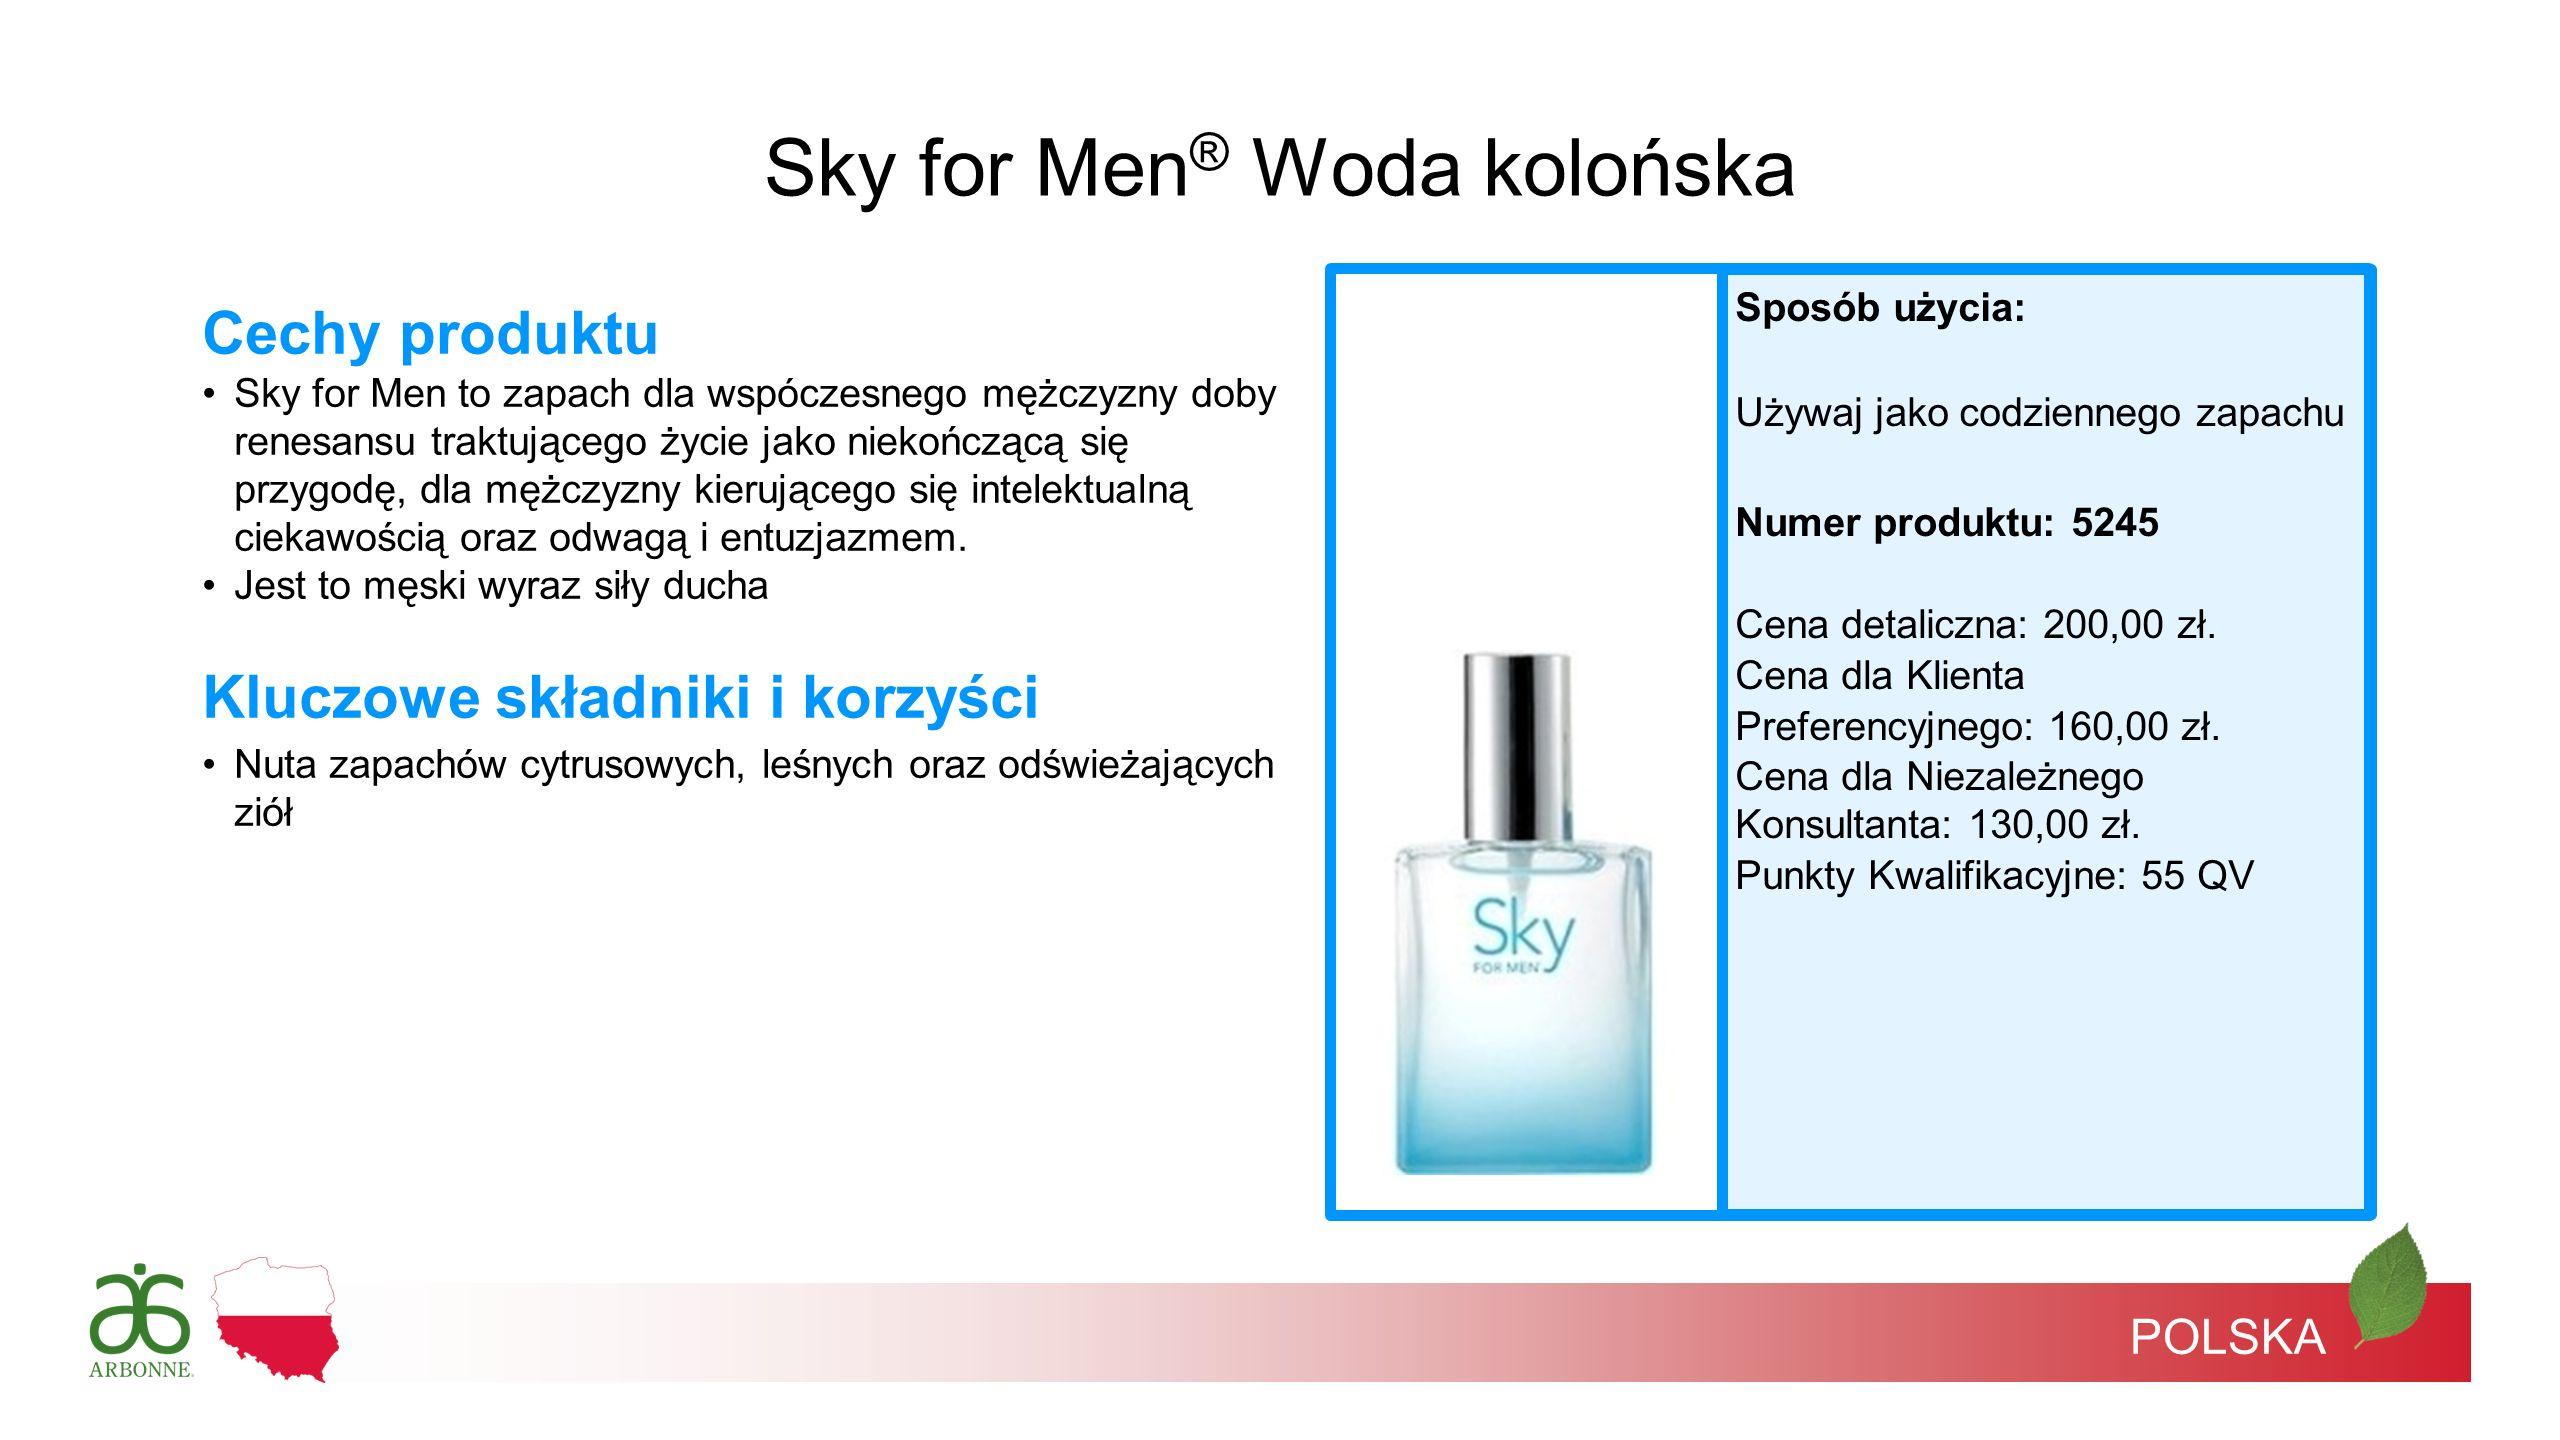 POLSKA Sposób użycia: Używaj jako codziennego zapachu Numer produktu: 5245 Cena detaliczna: 200,00 zł. Cena dla Klienta Preferencyjnego: 160,00 zł. Ce